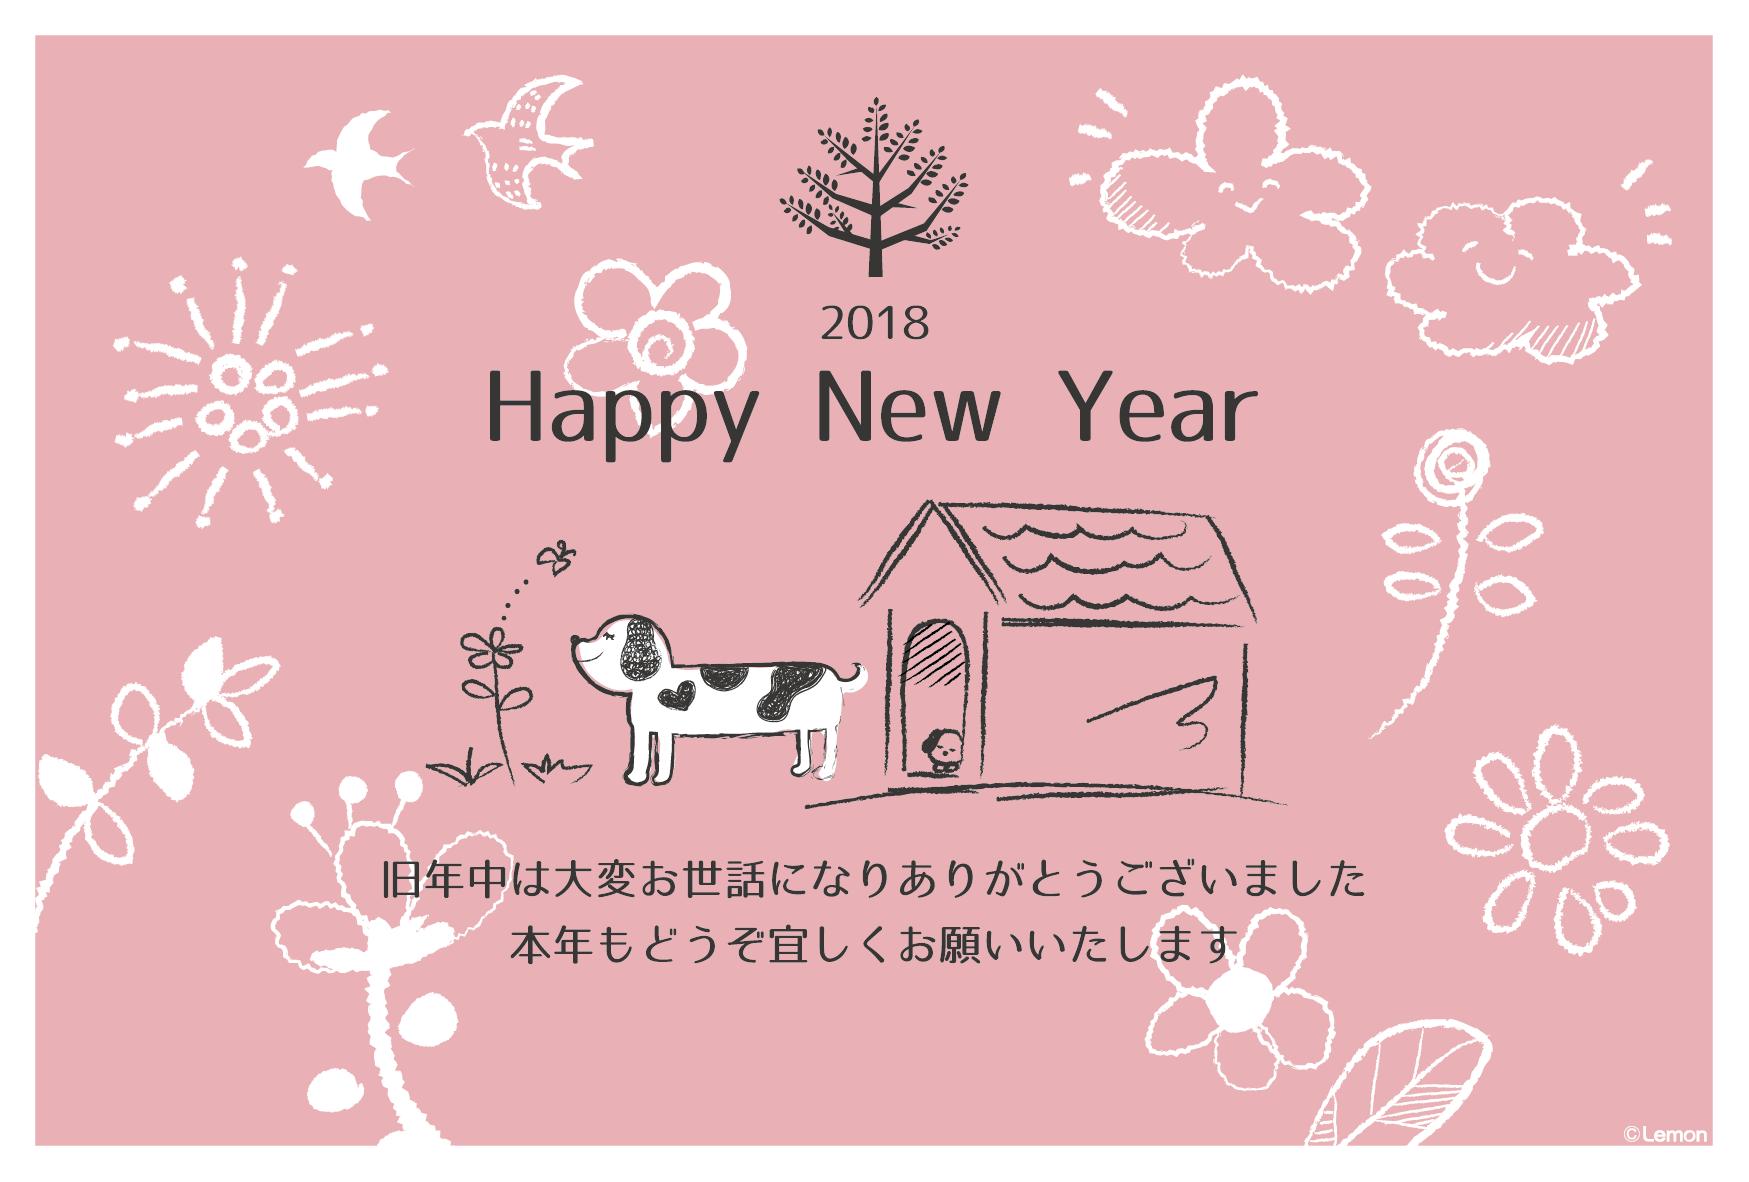 2018年 無料年賀状|lemon | 個人・商用とも利用できる無料年賀状